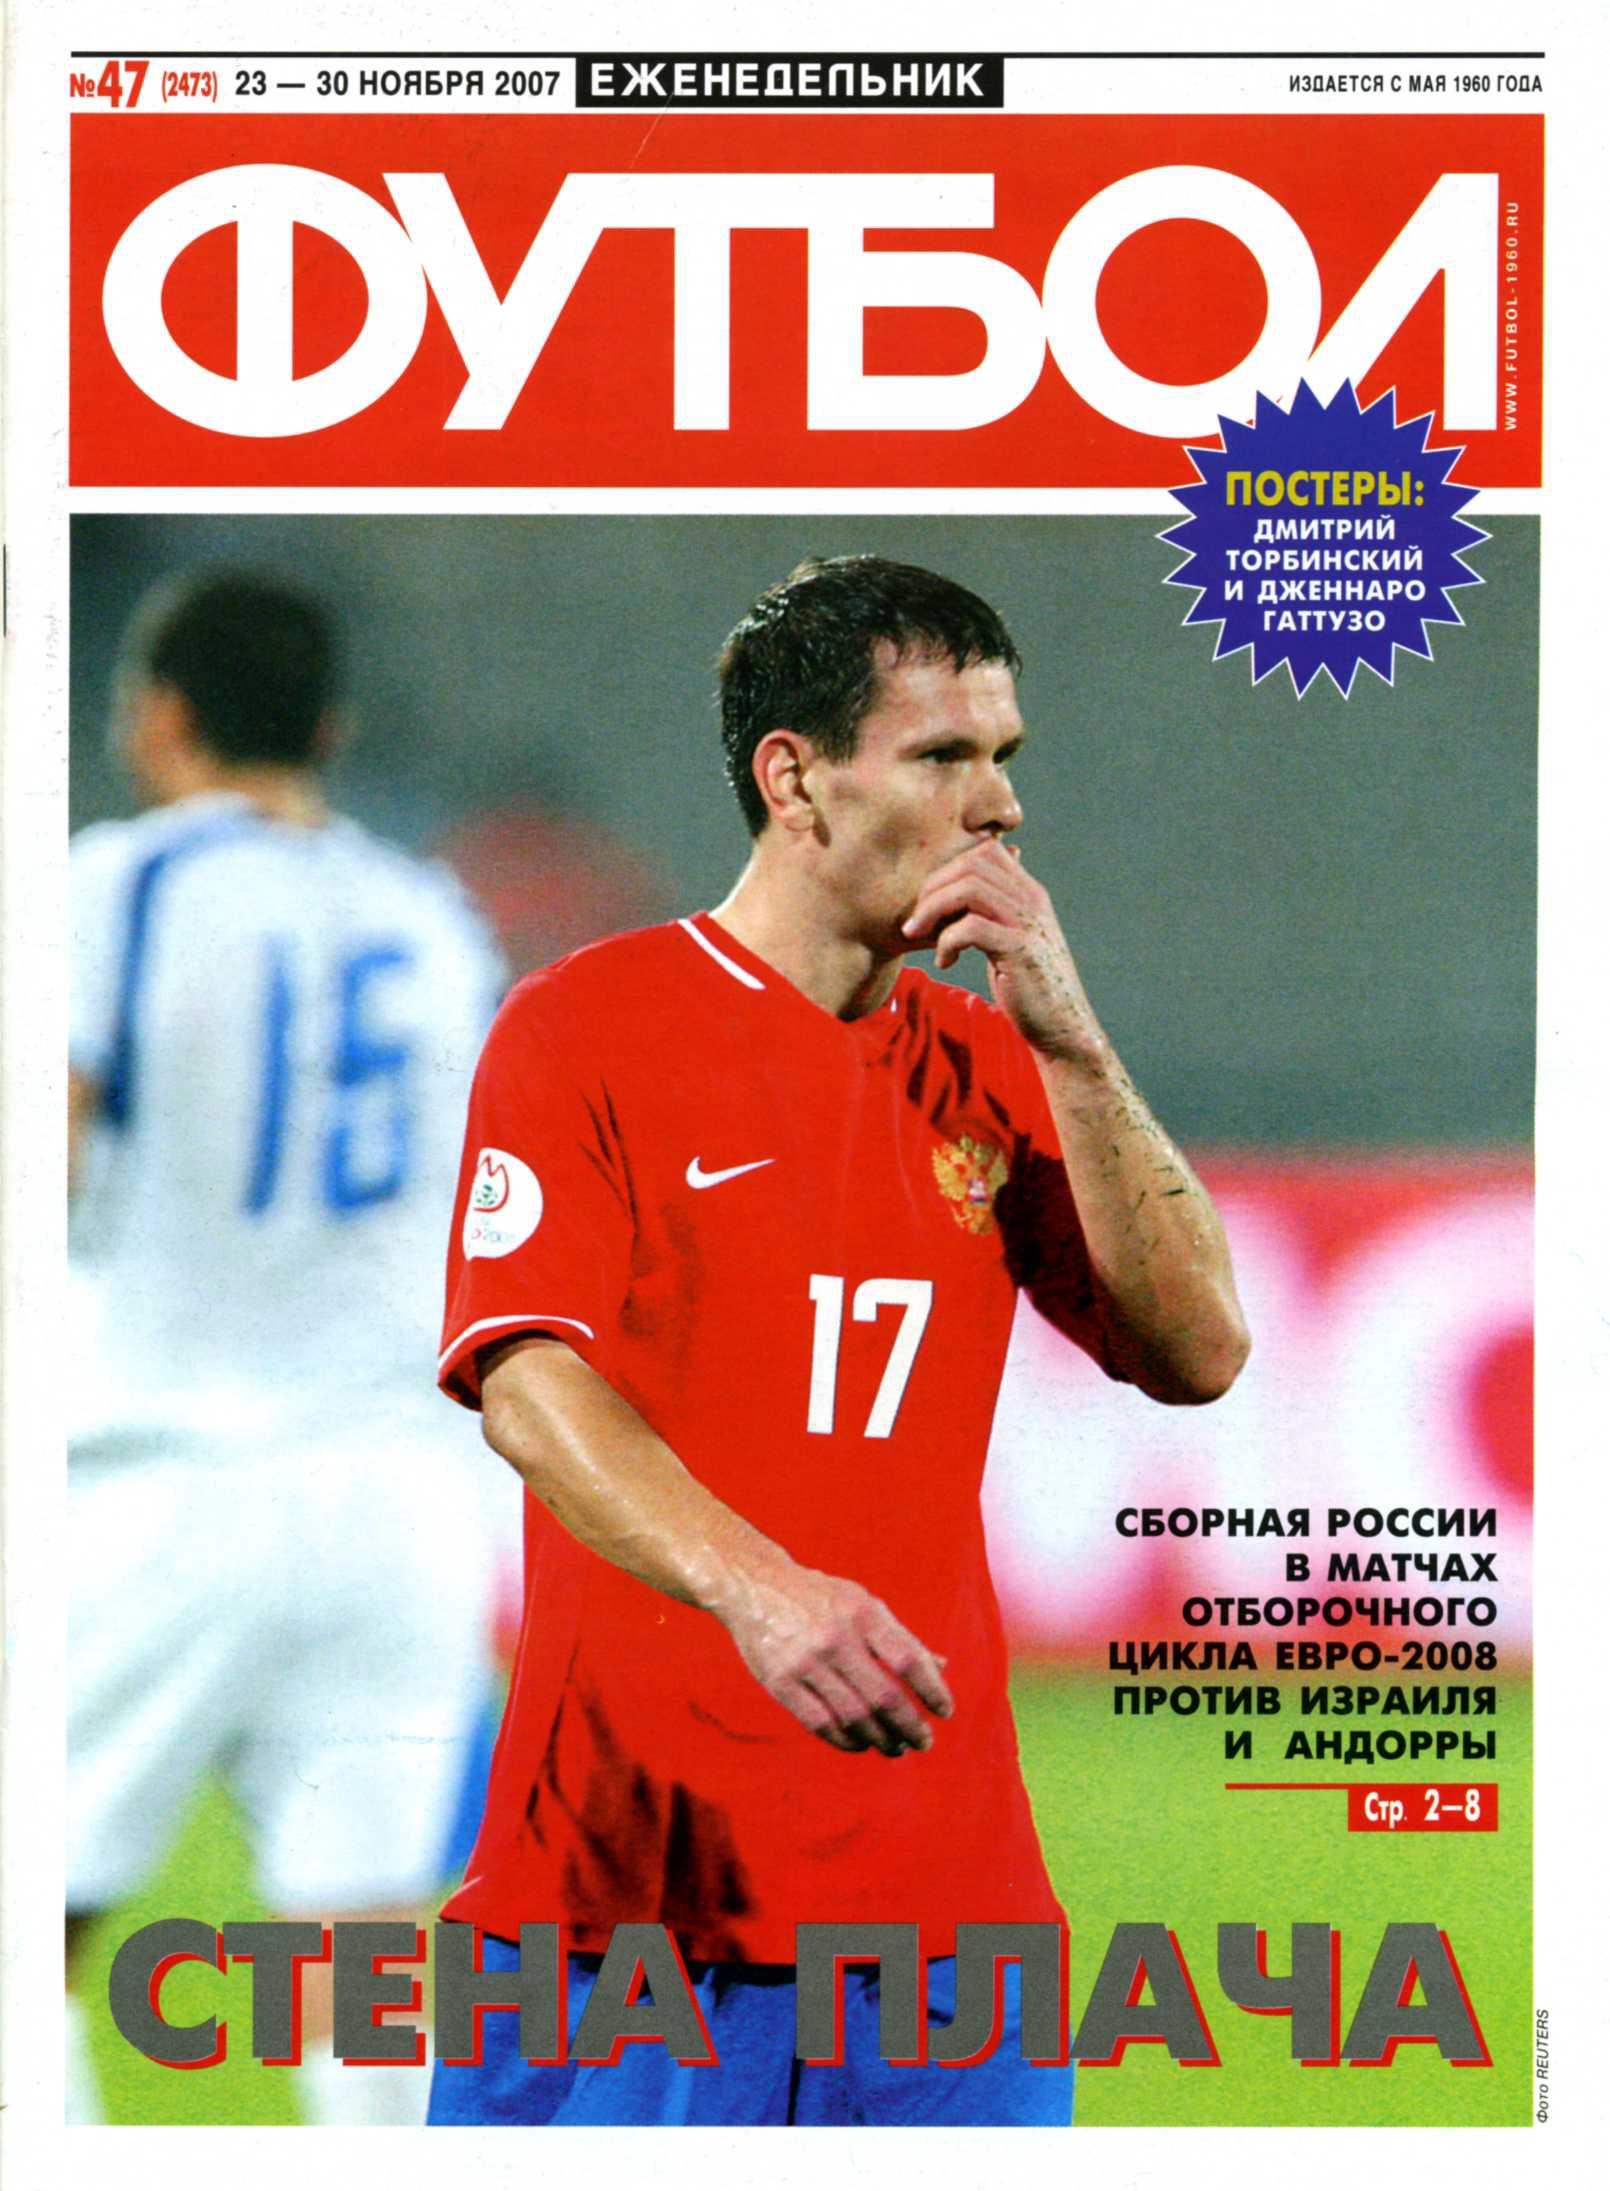 «Зенит» – чемпион, сборная едет на Евро, 100-й гол Семака. 2007 год в обложках еженедельника «Футбол»